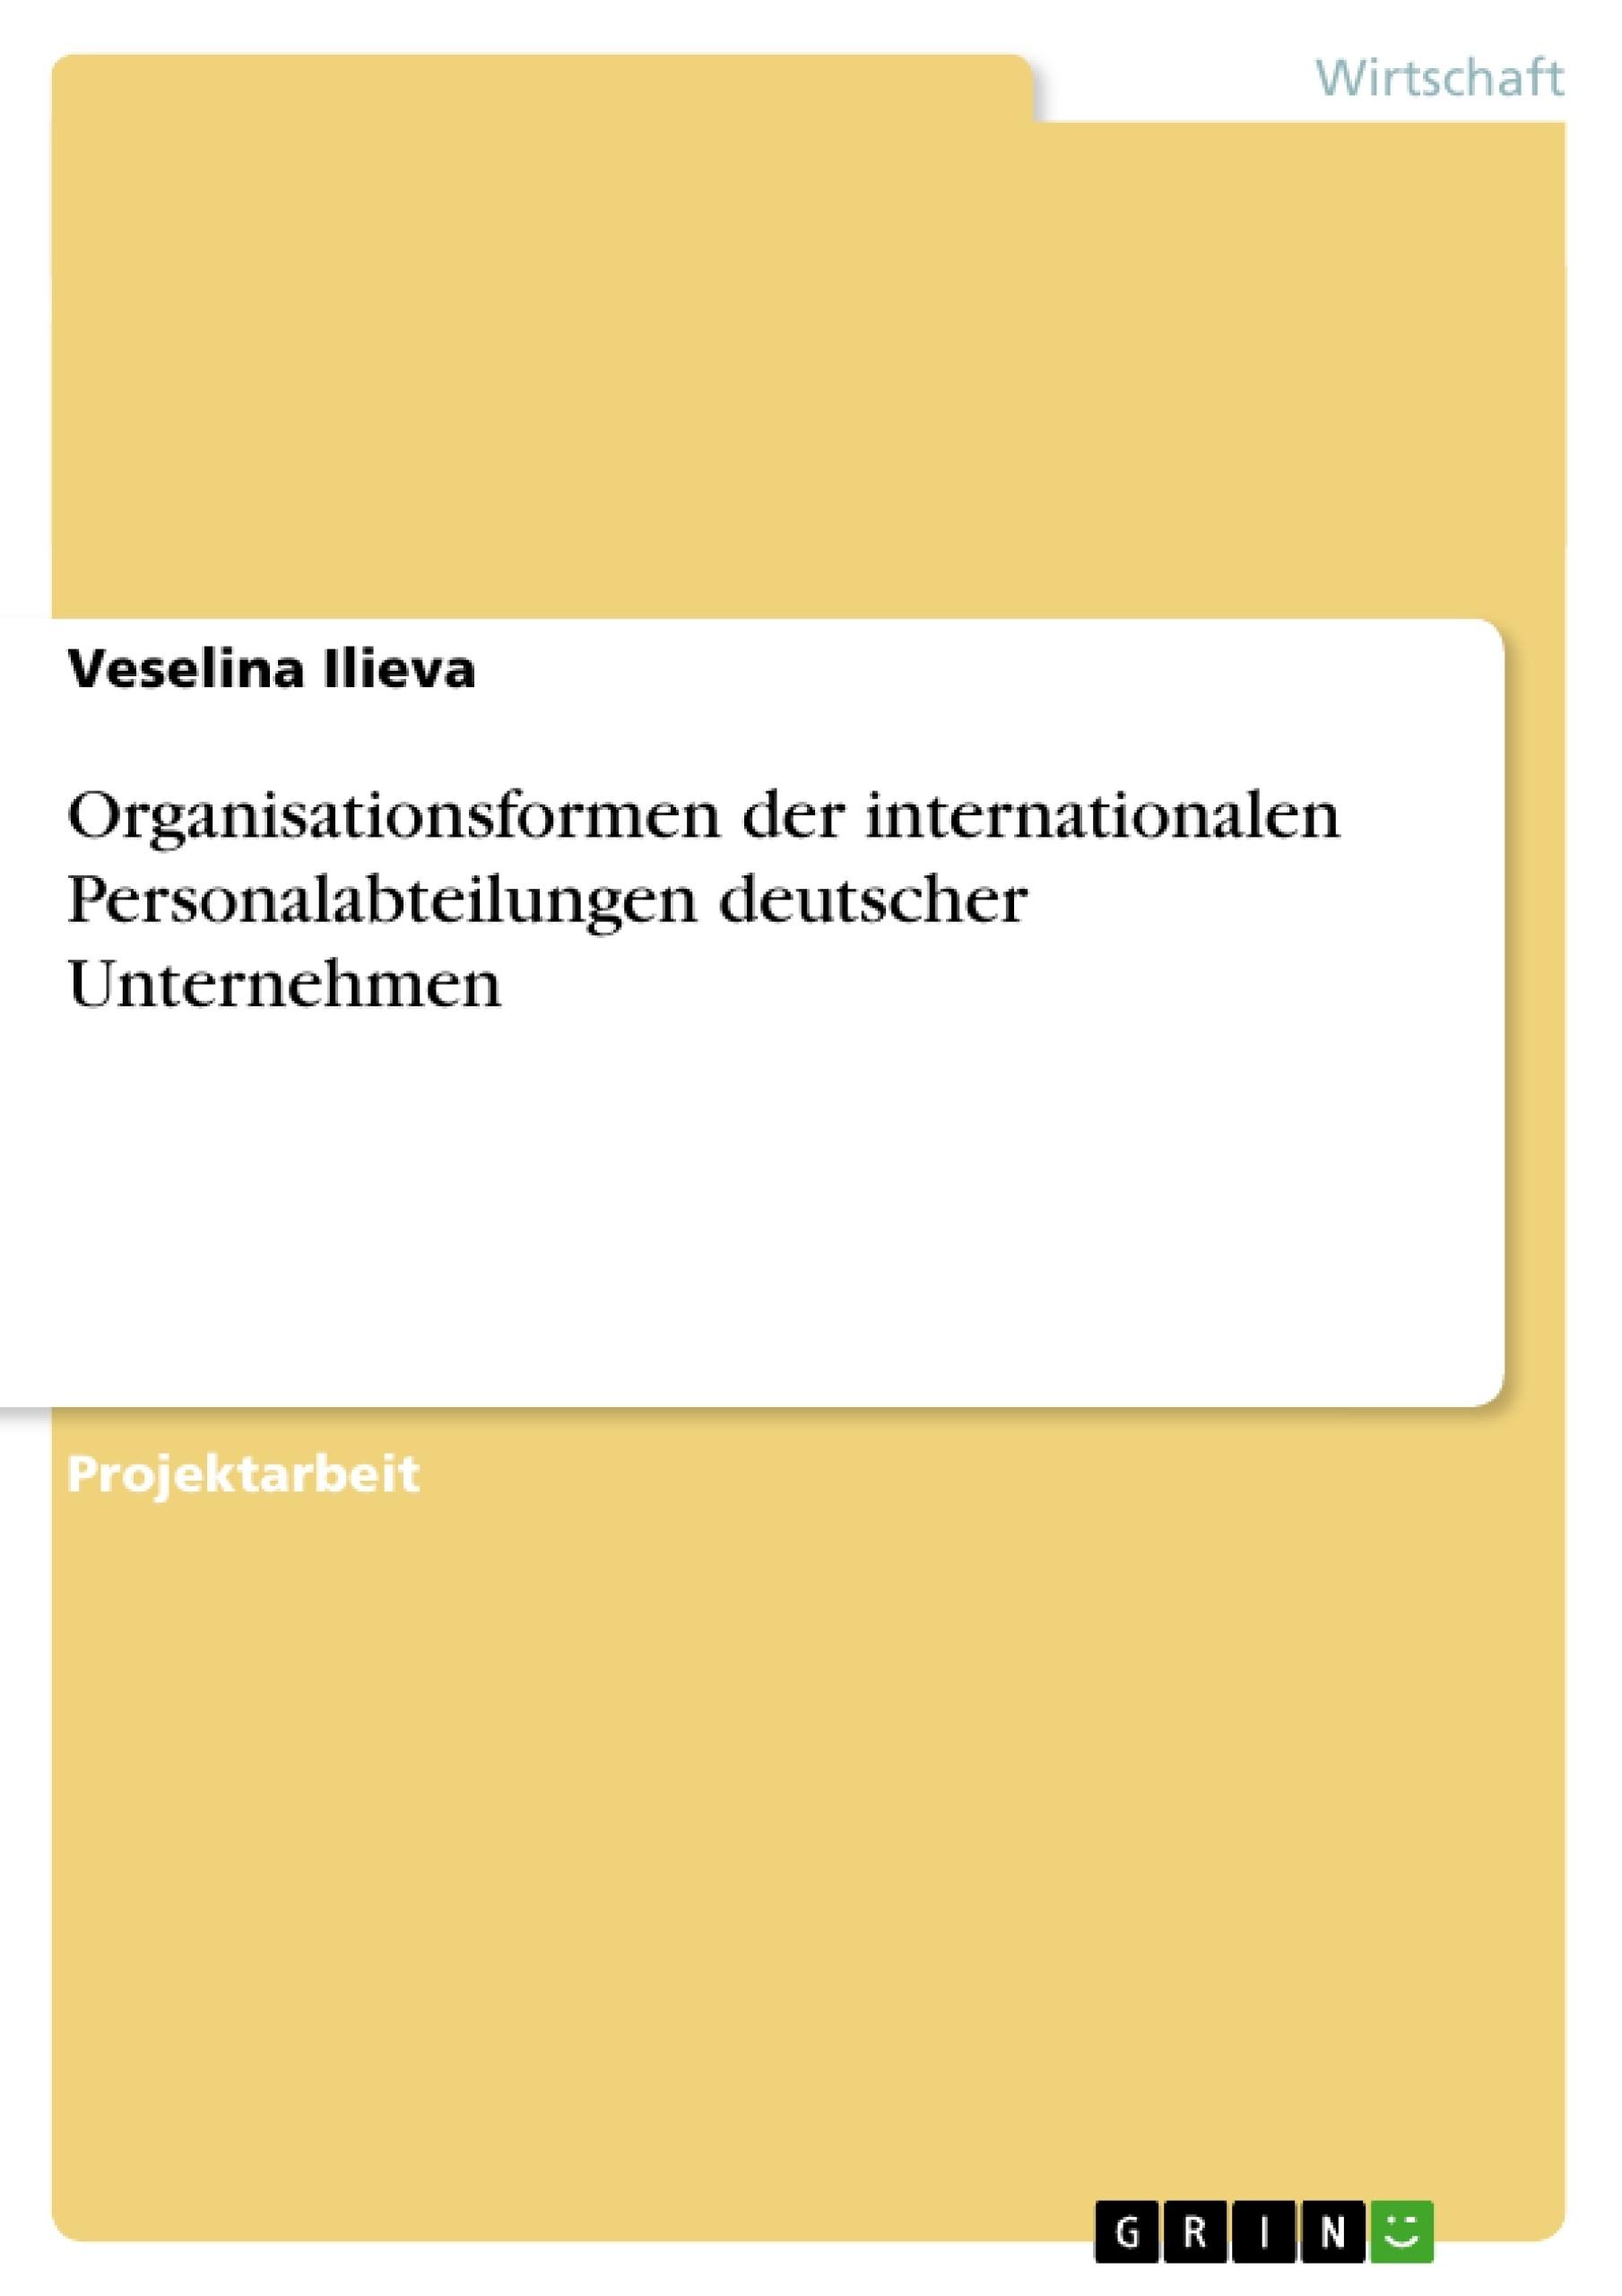 Titel: Organisationsformen der internationalen Personalabteilungen deutscher Unternehmen